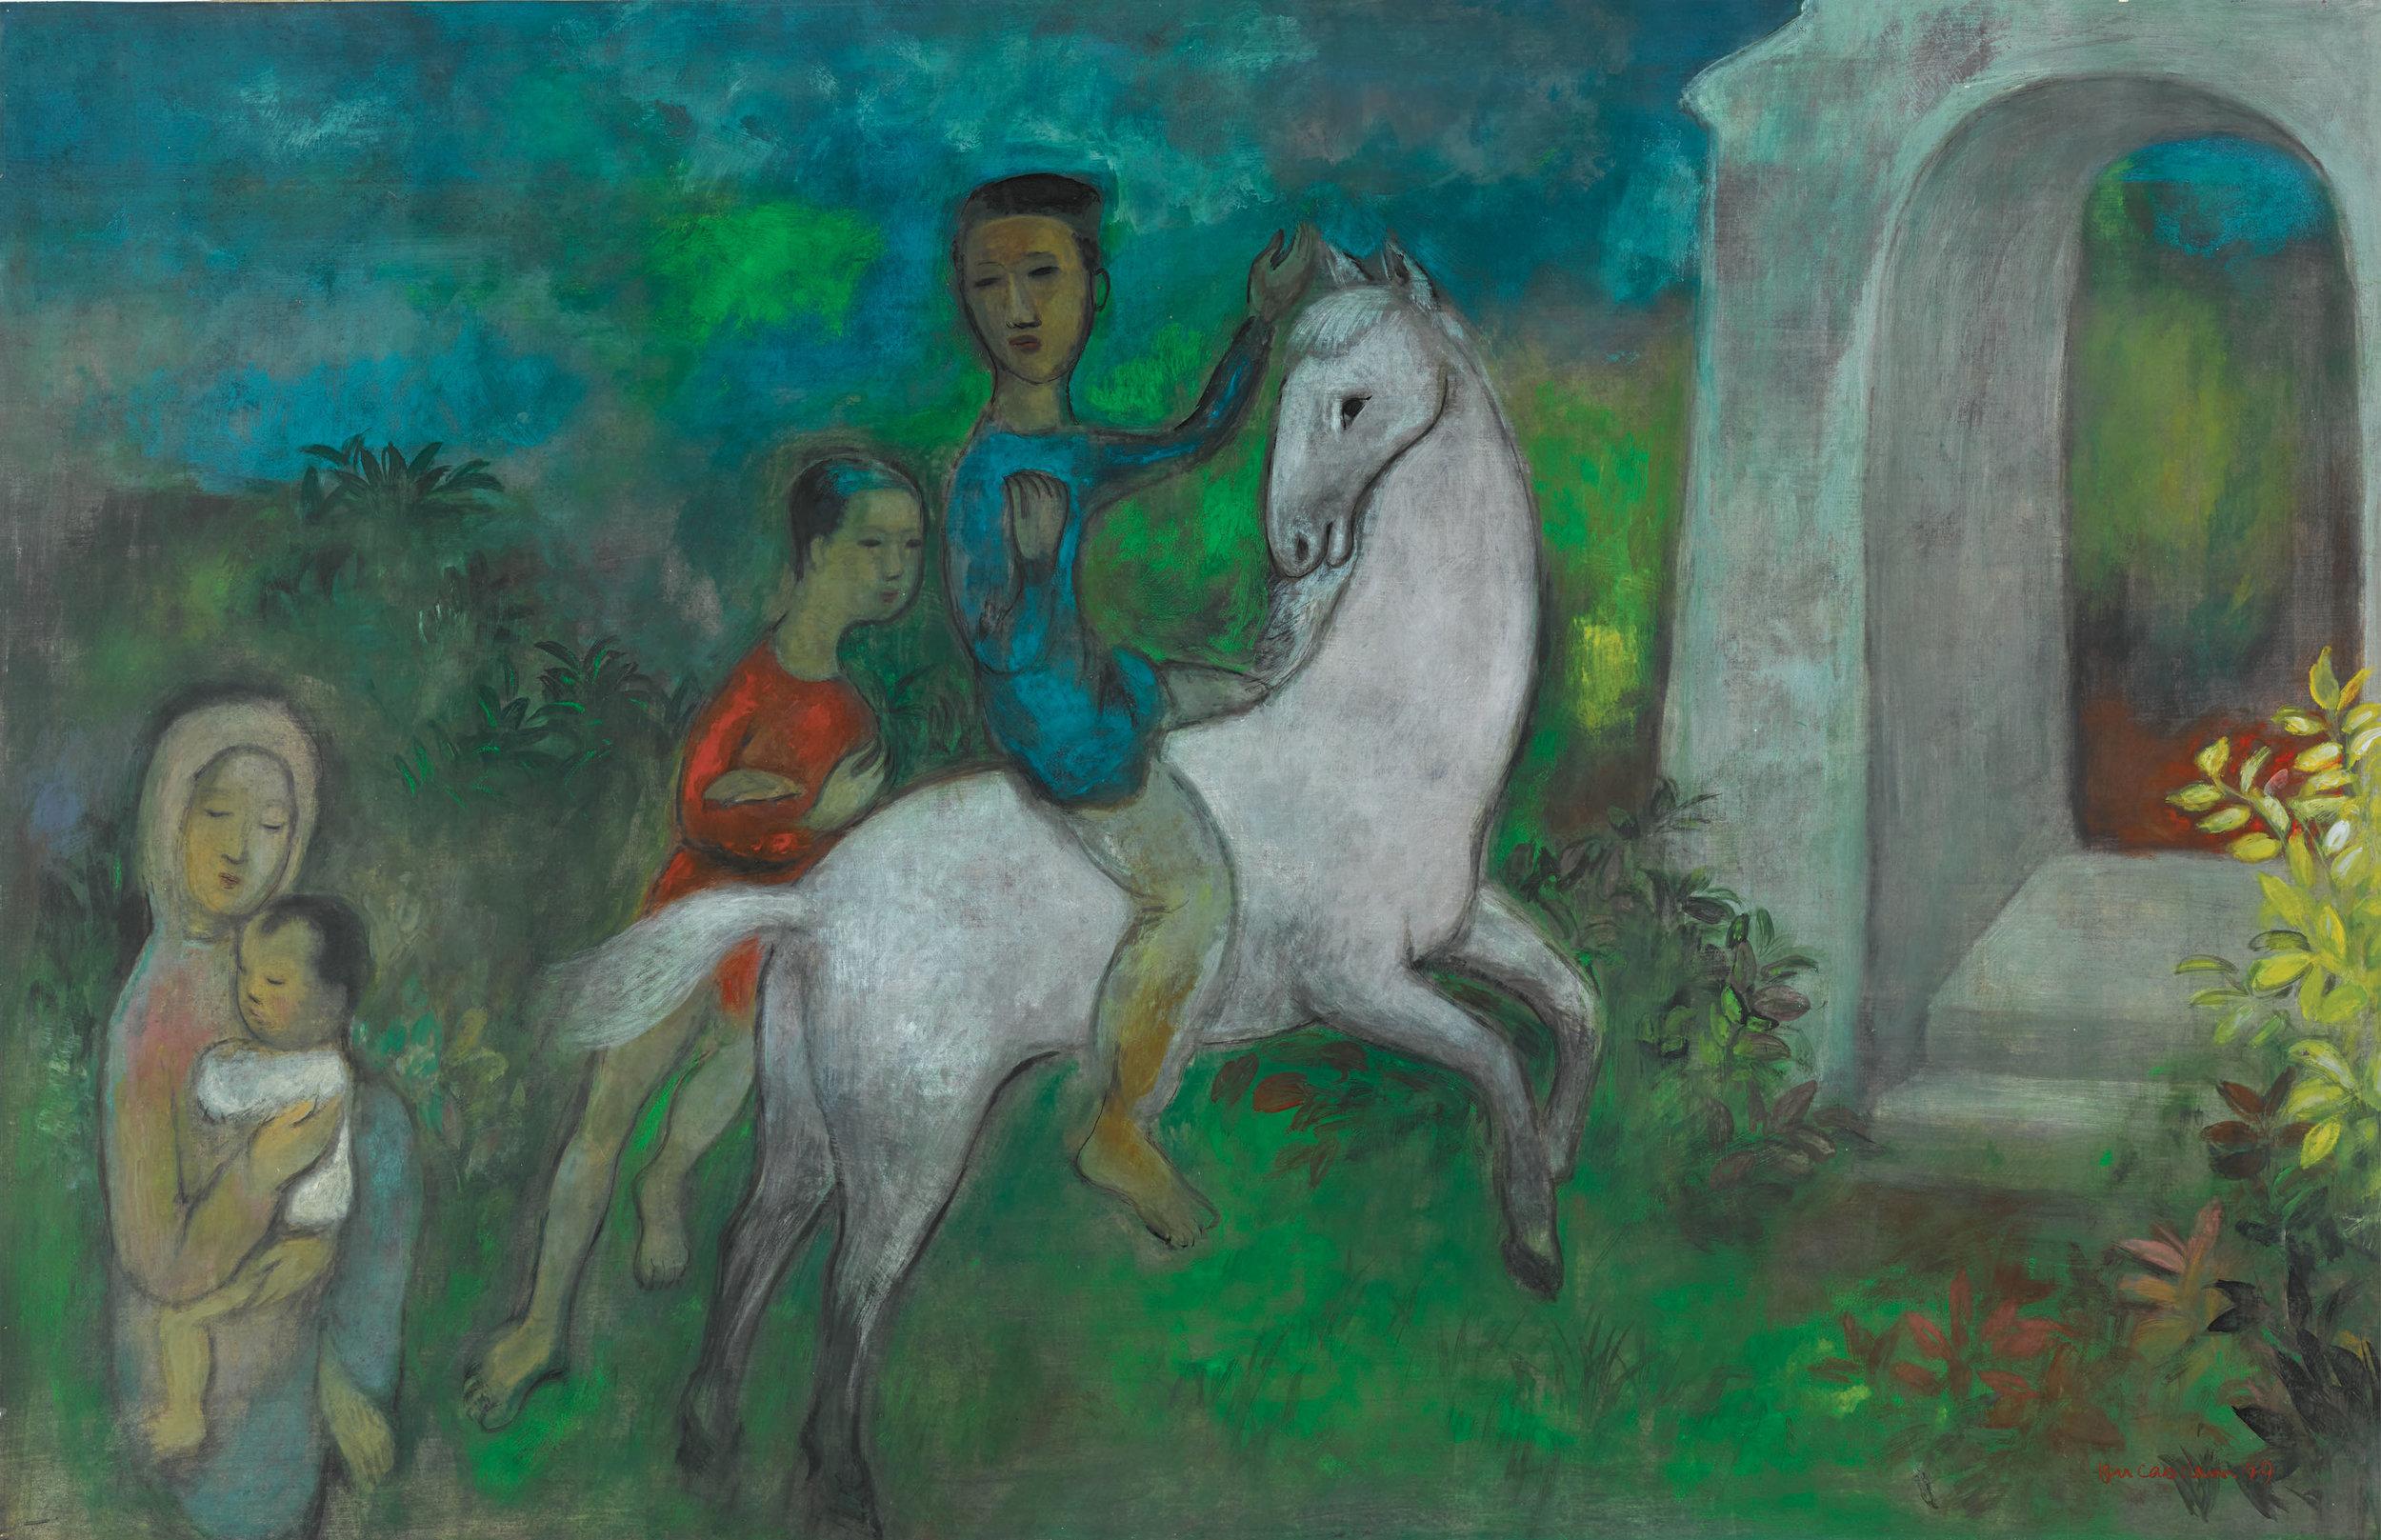 VU CAO DAM (1908 - 2000)